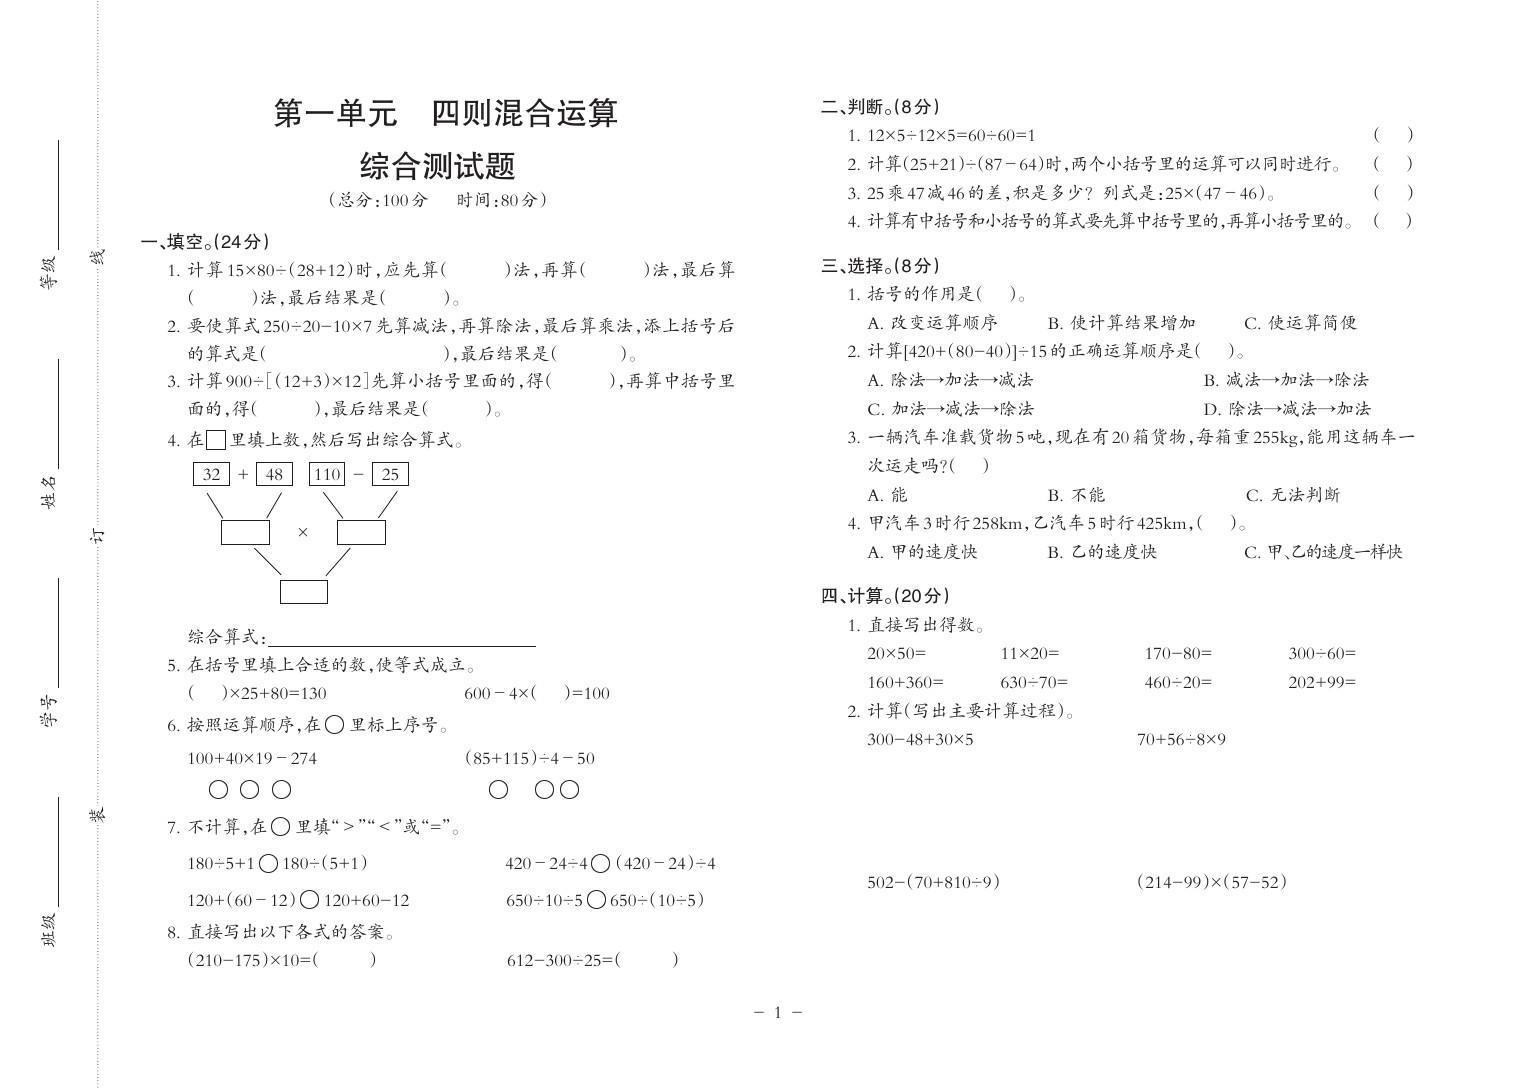 西师版数学四年级下册第一单元测试题[1]